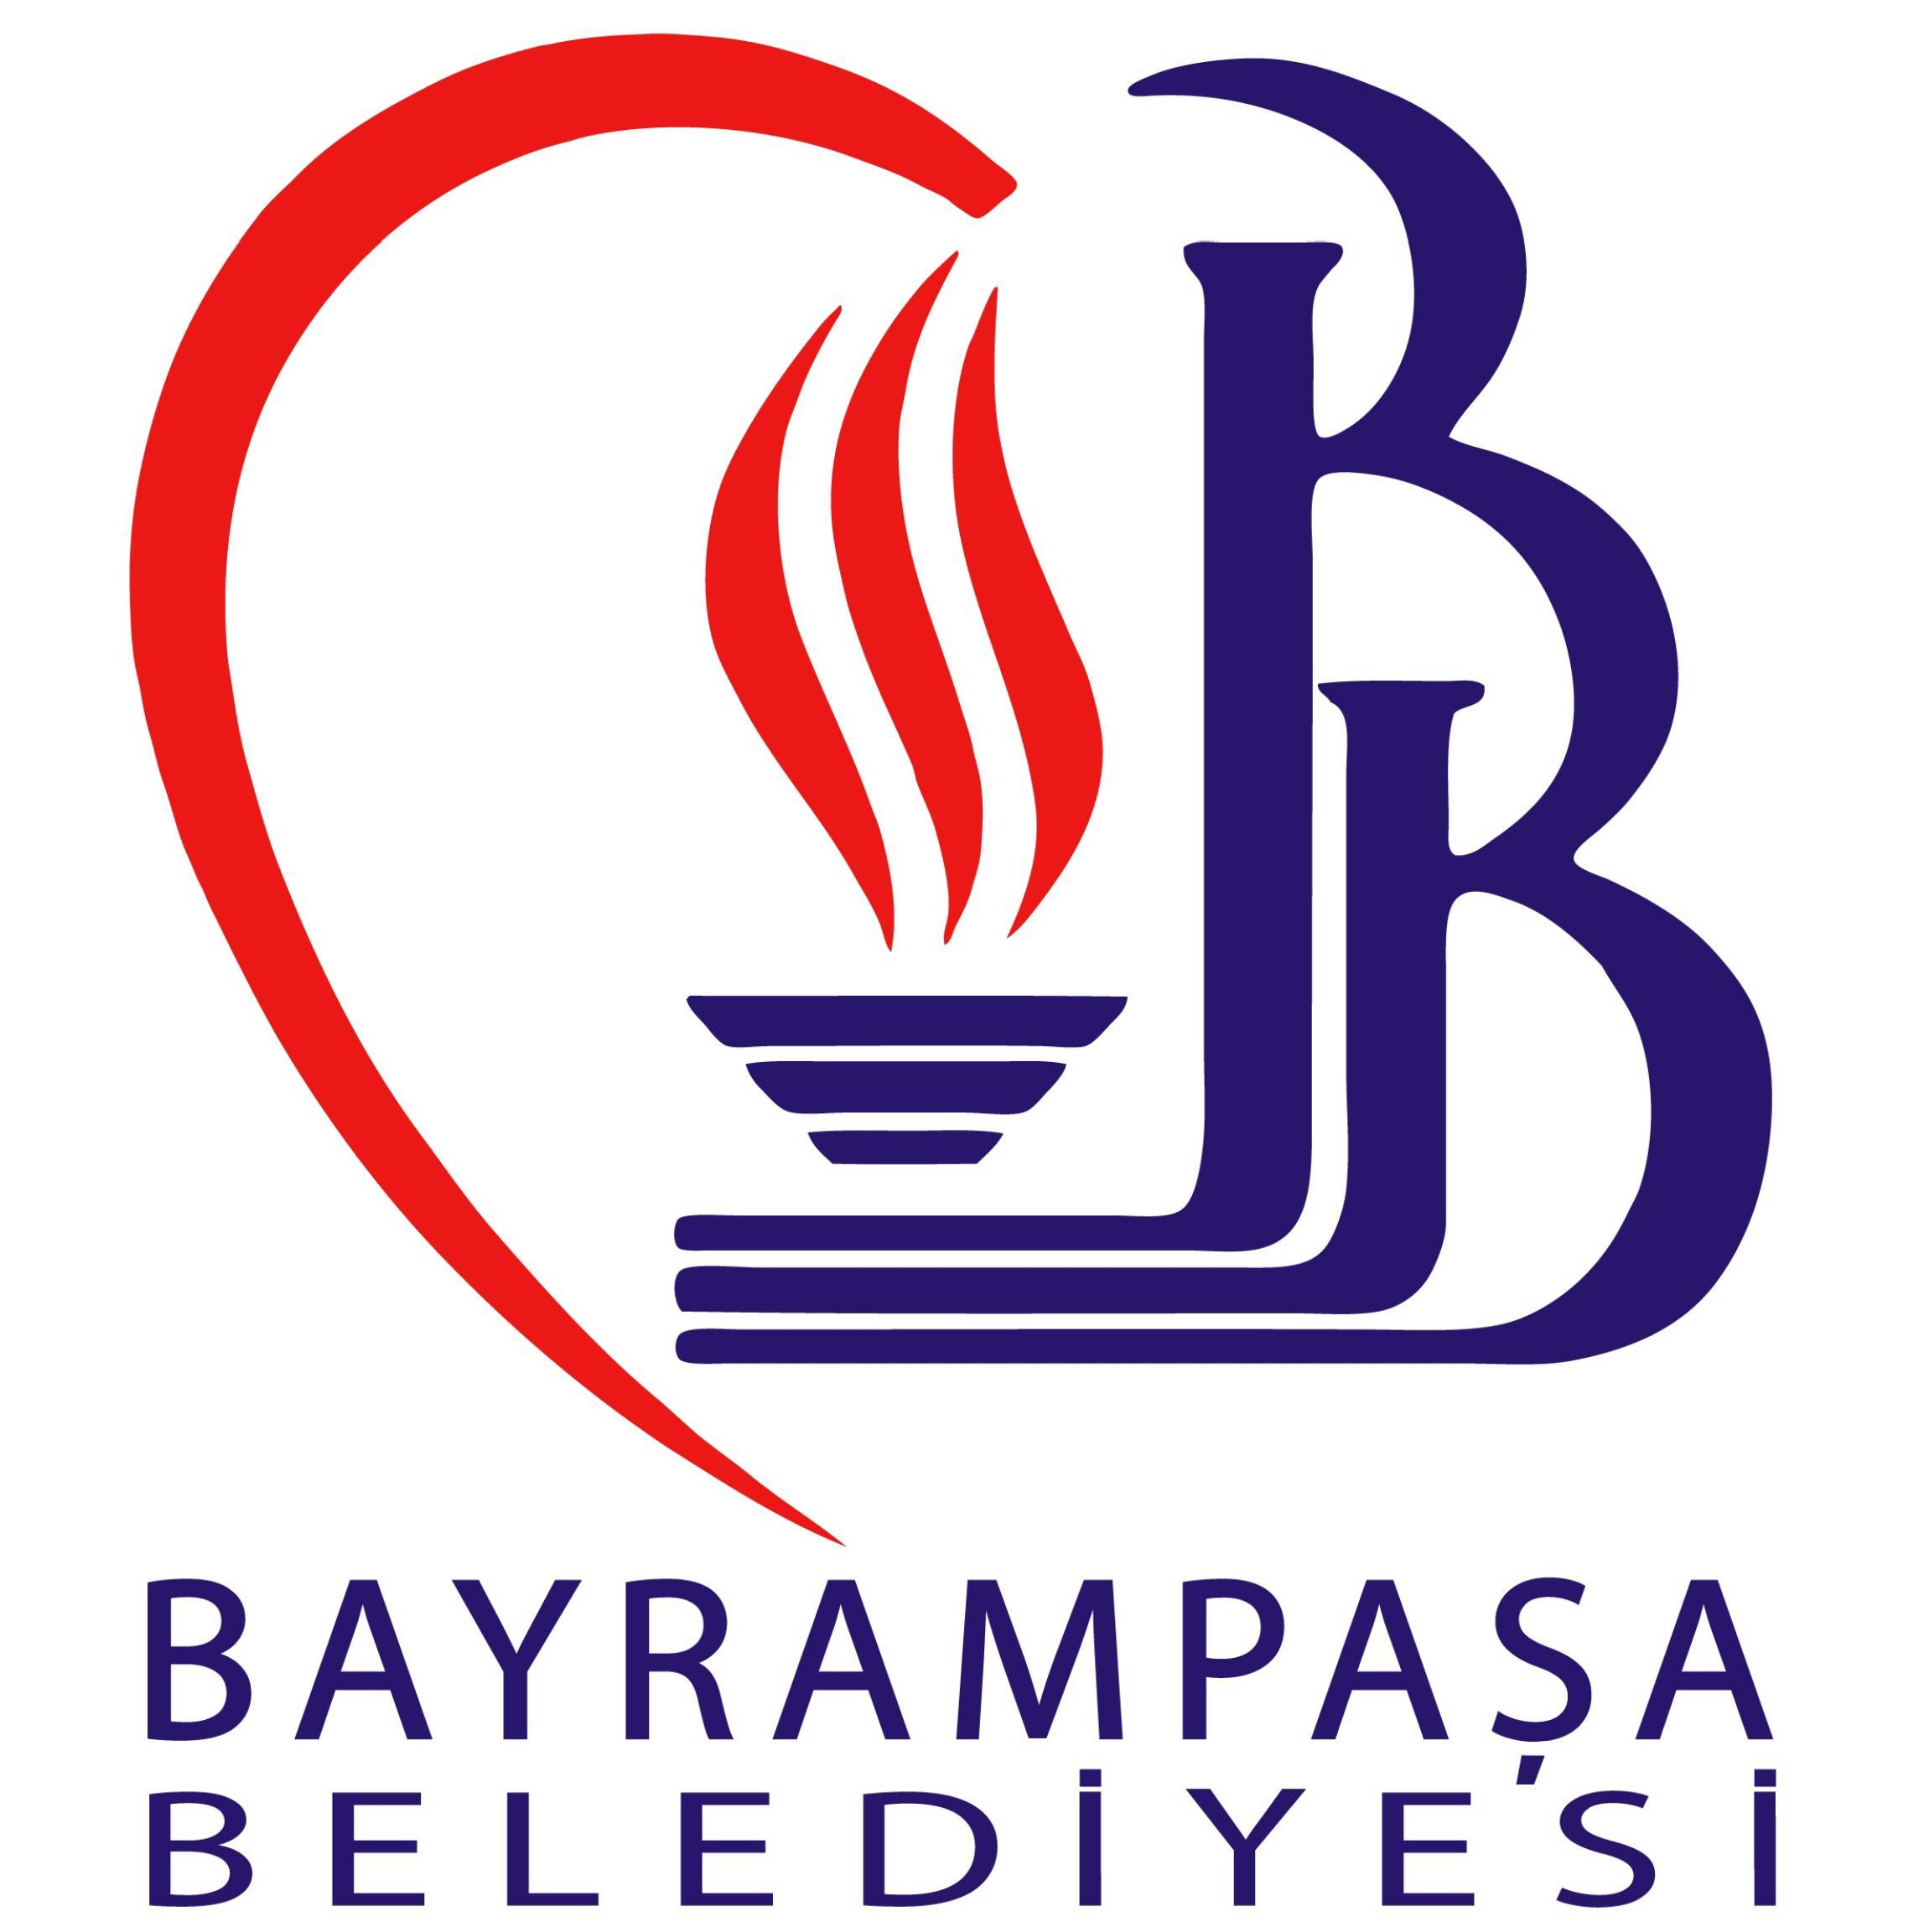 bayrampasa-belediyesi-logo